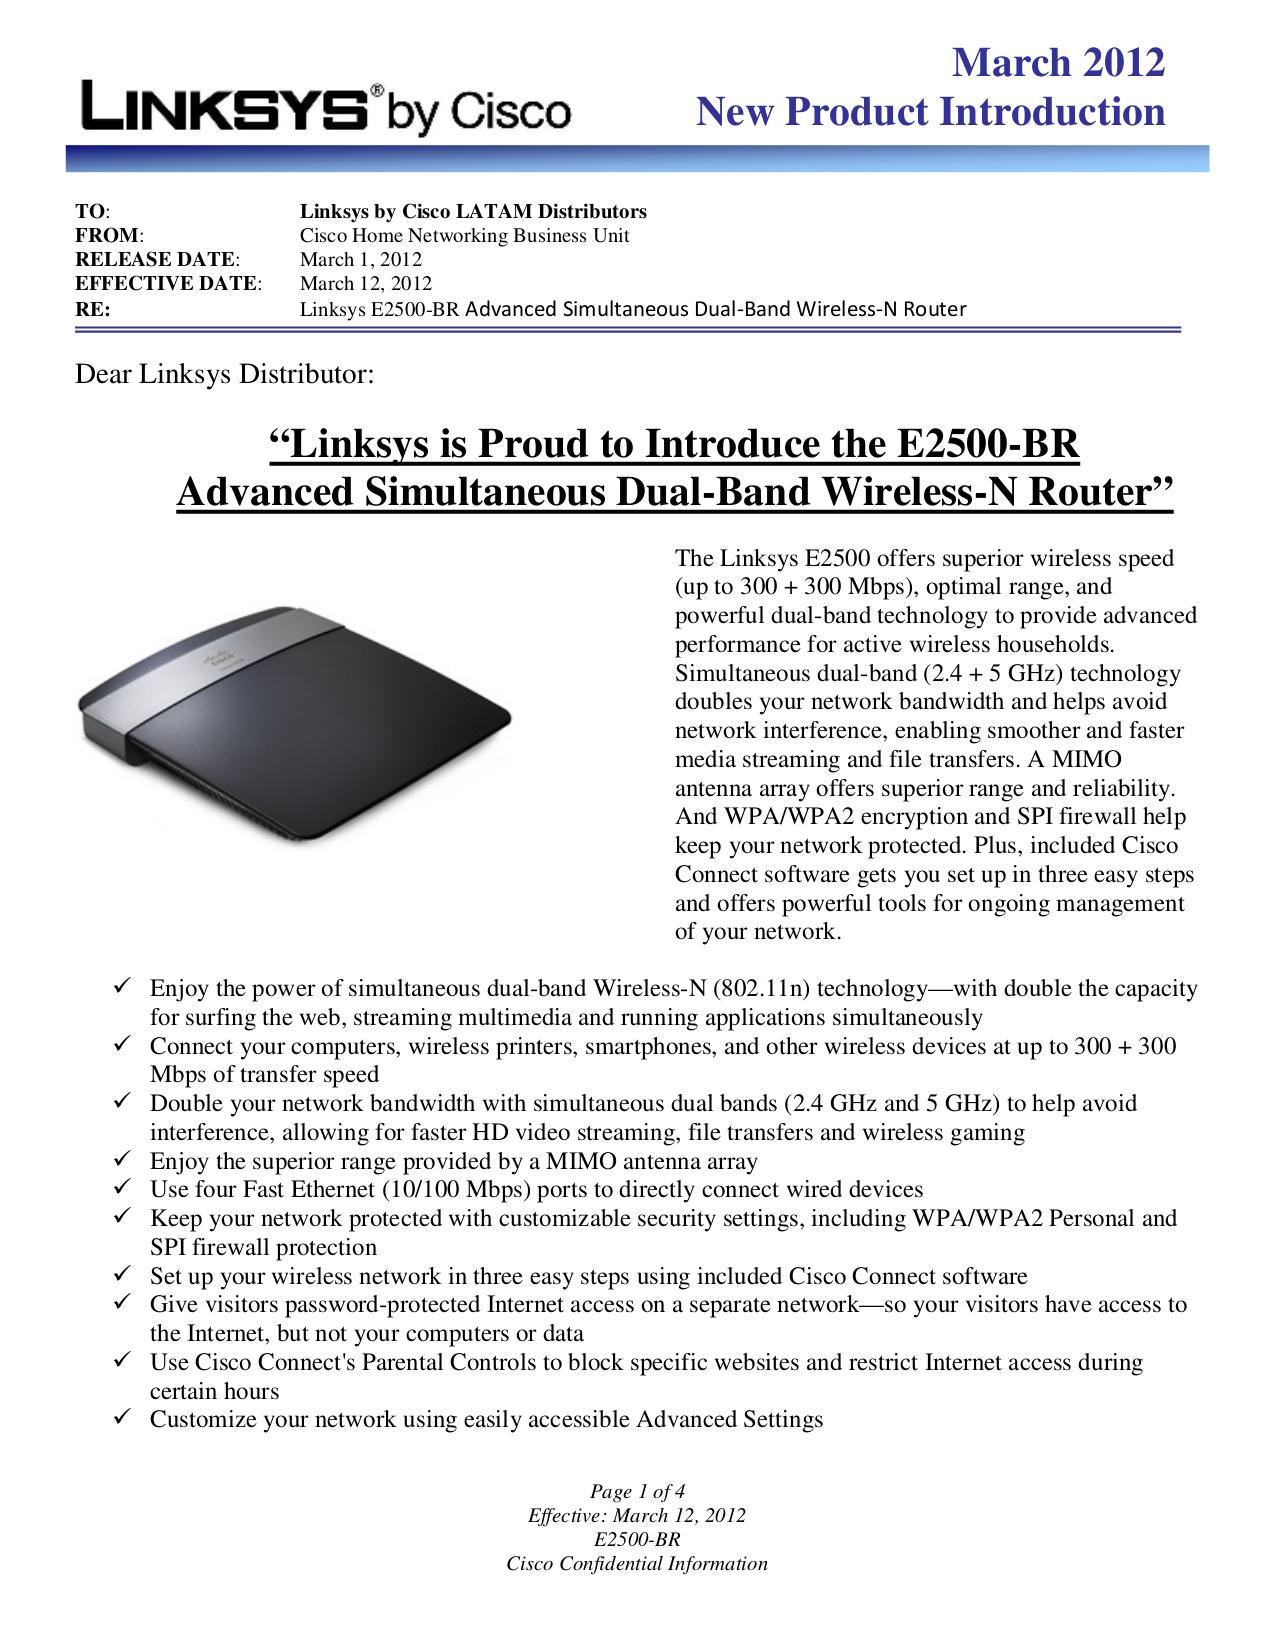 e2500 manual configuration for mtn